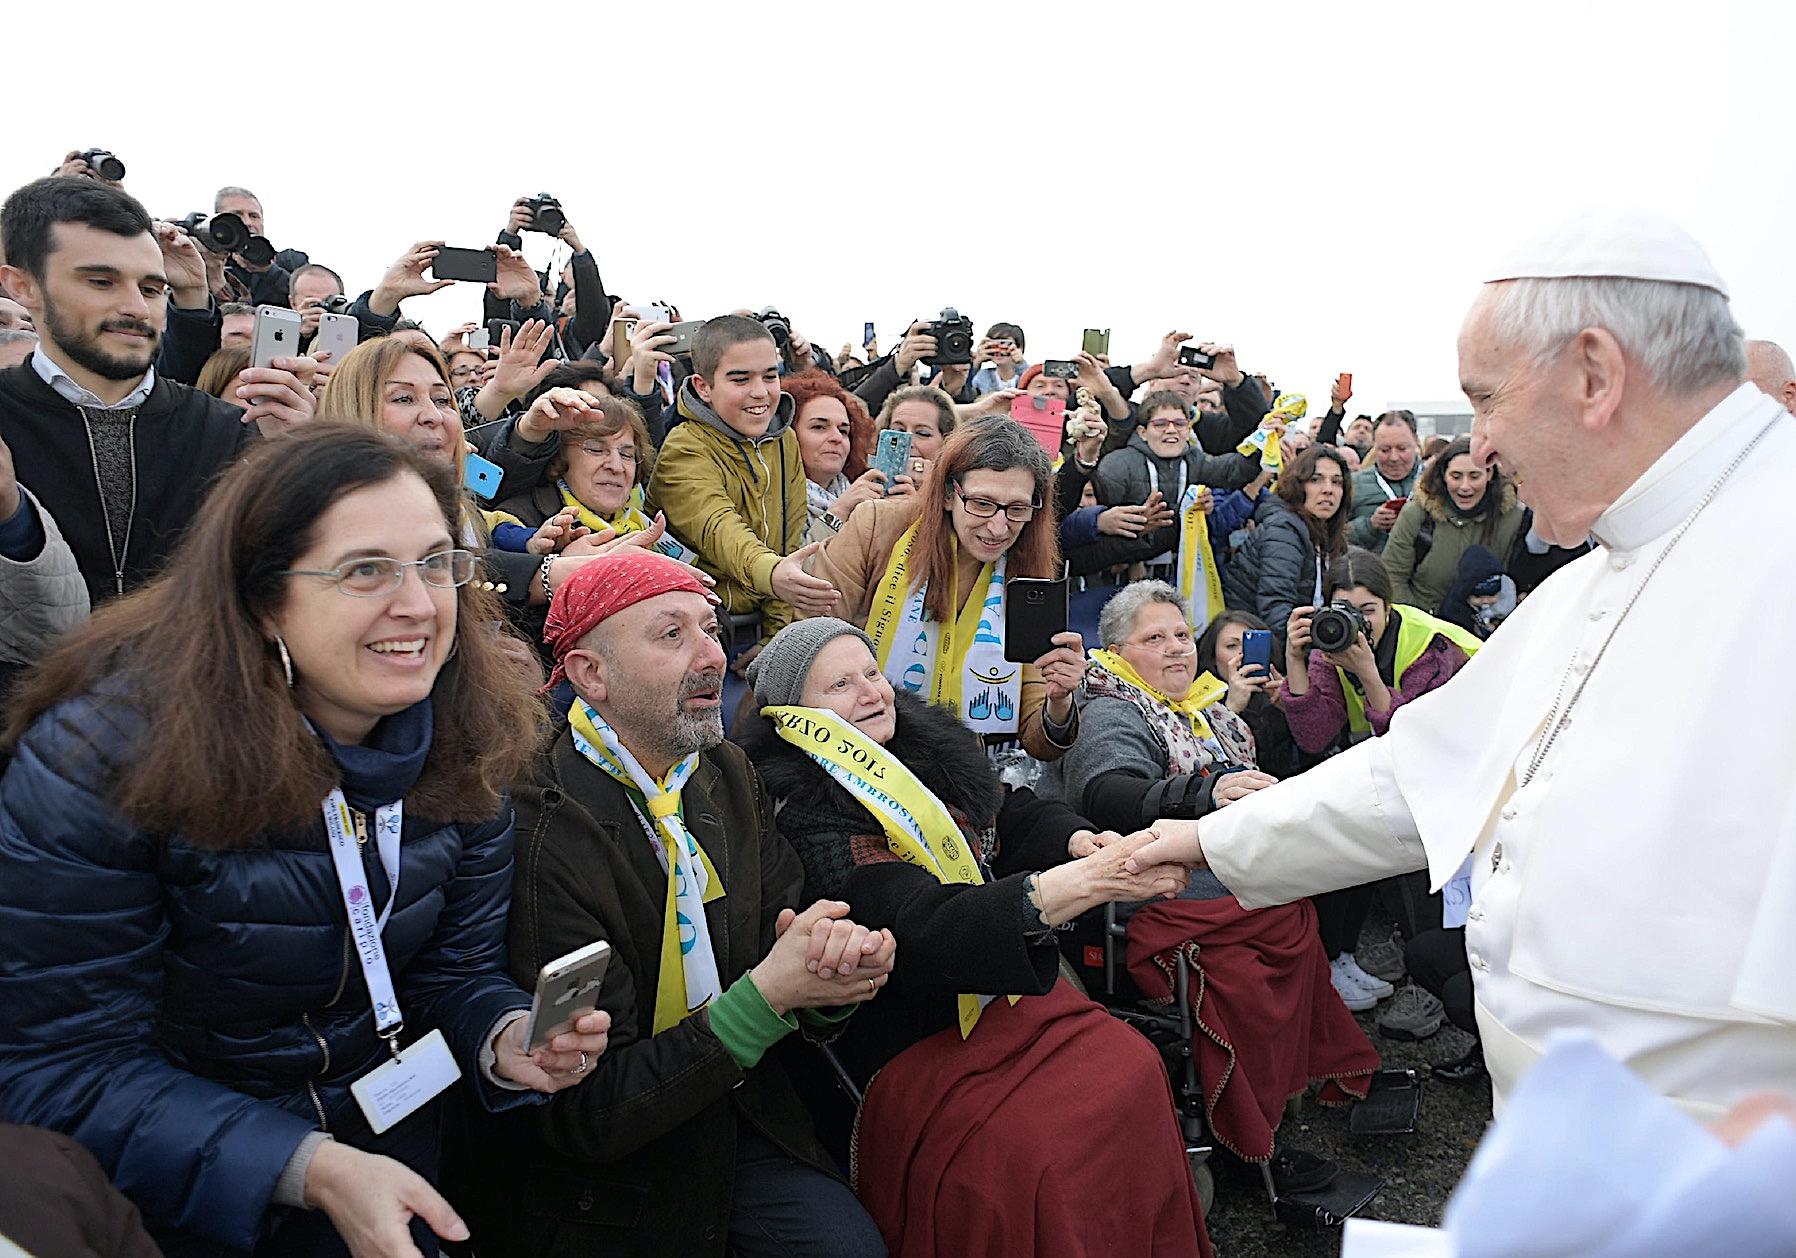 El Papa en Milán' (Fto. Osservatore © Romano).jpg